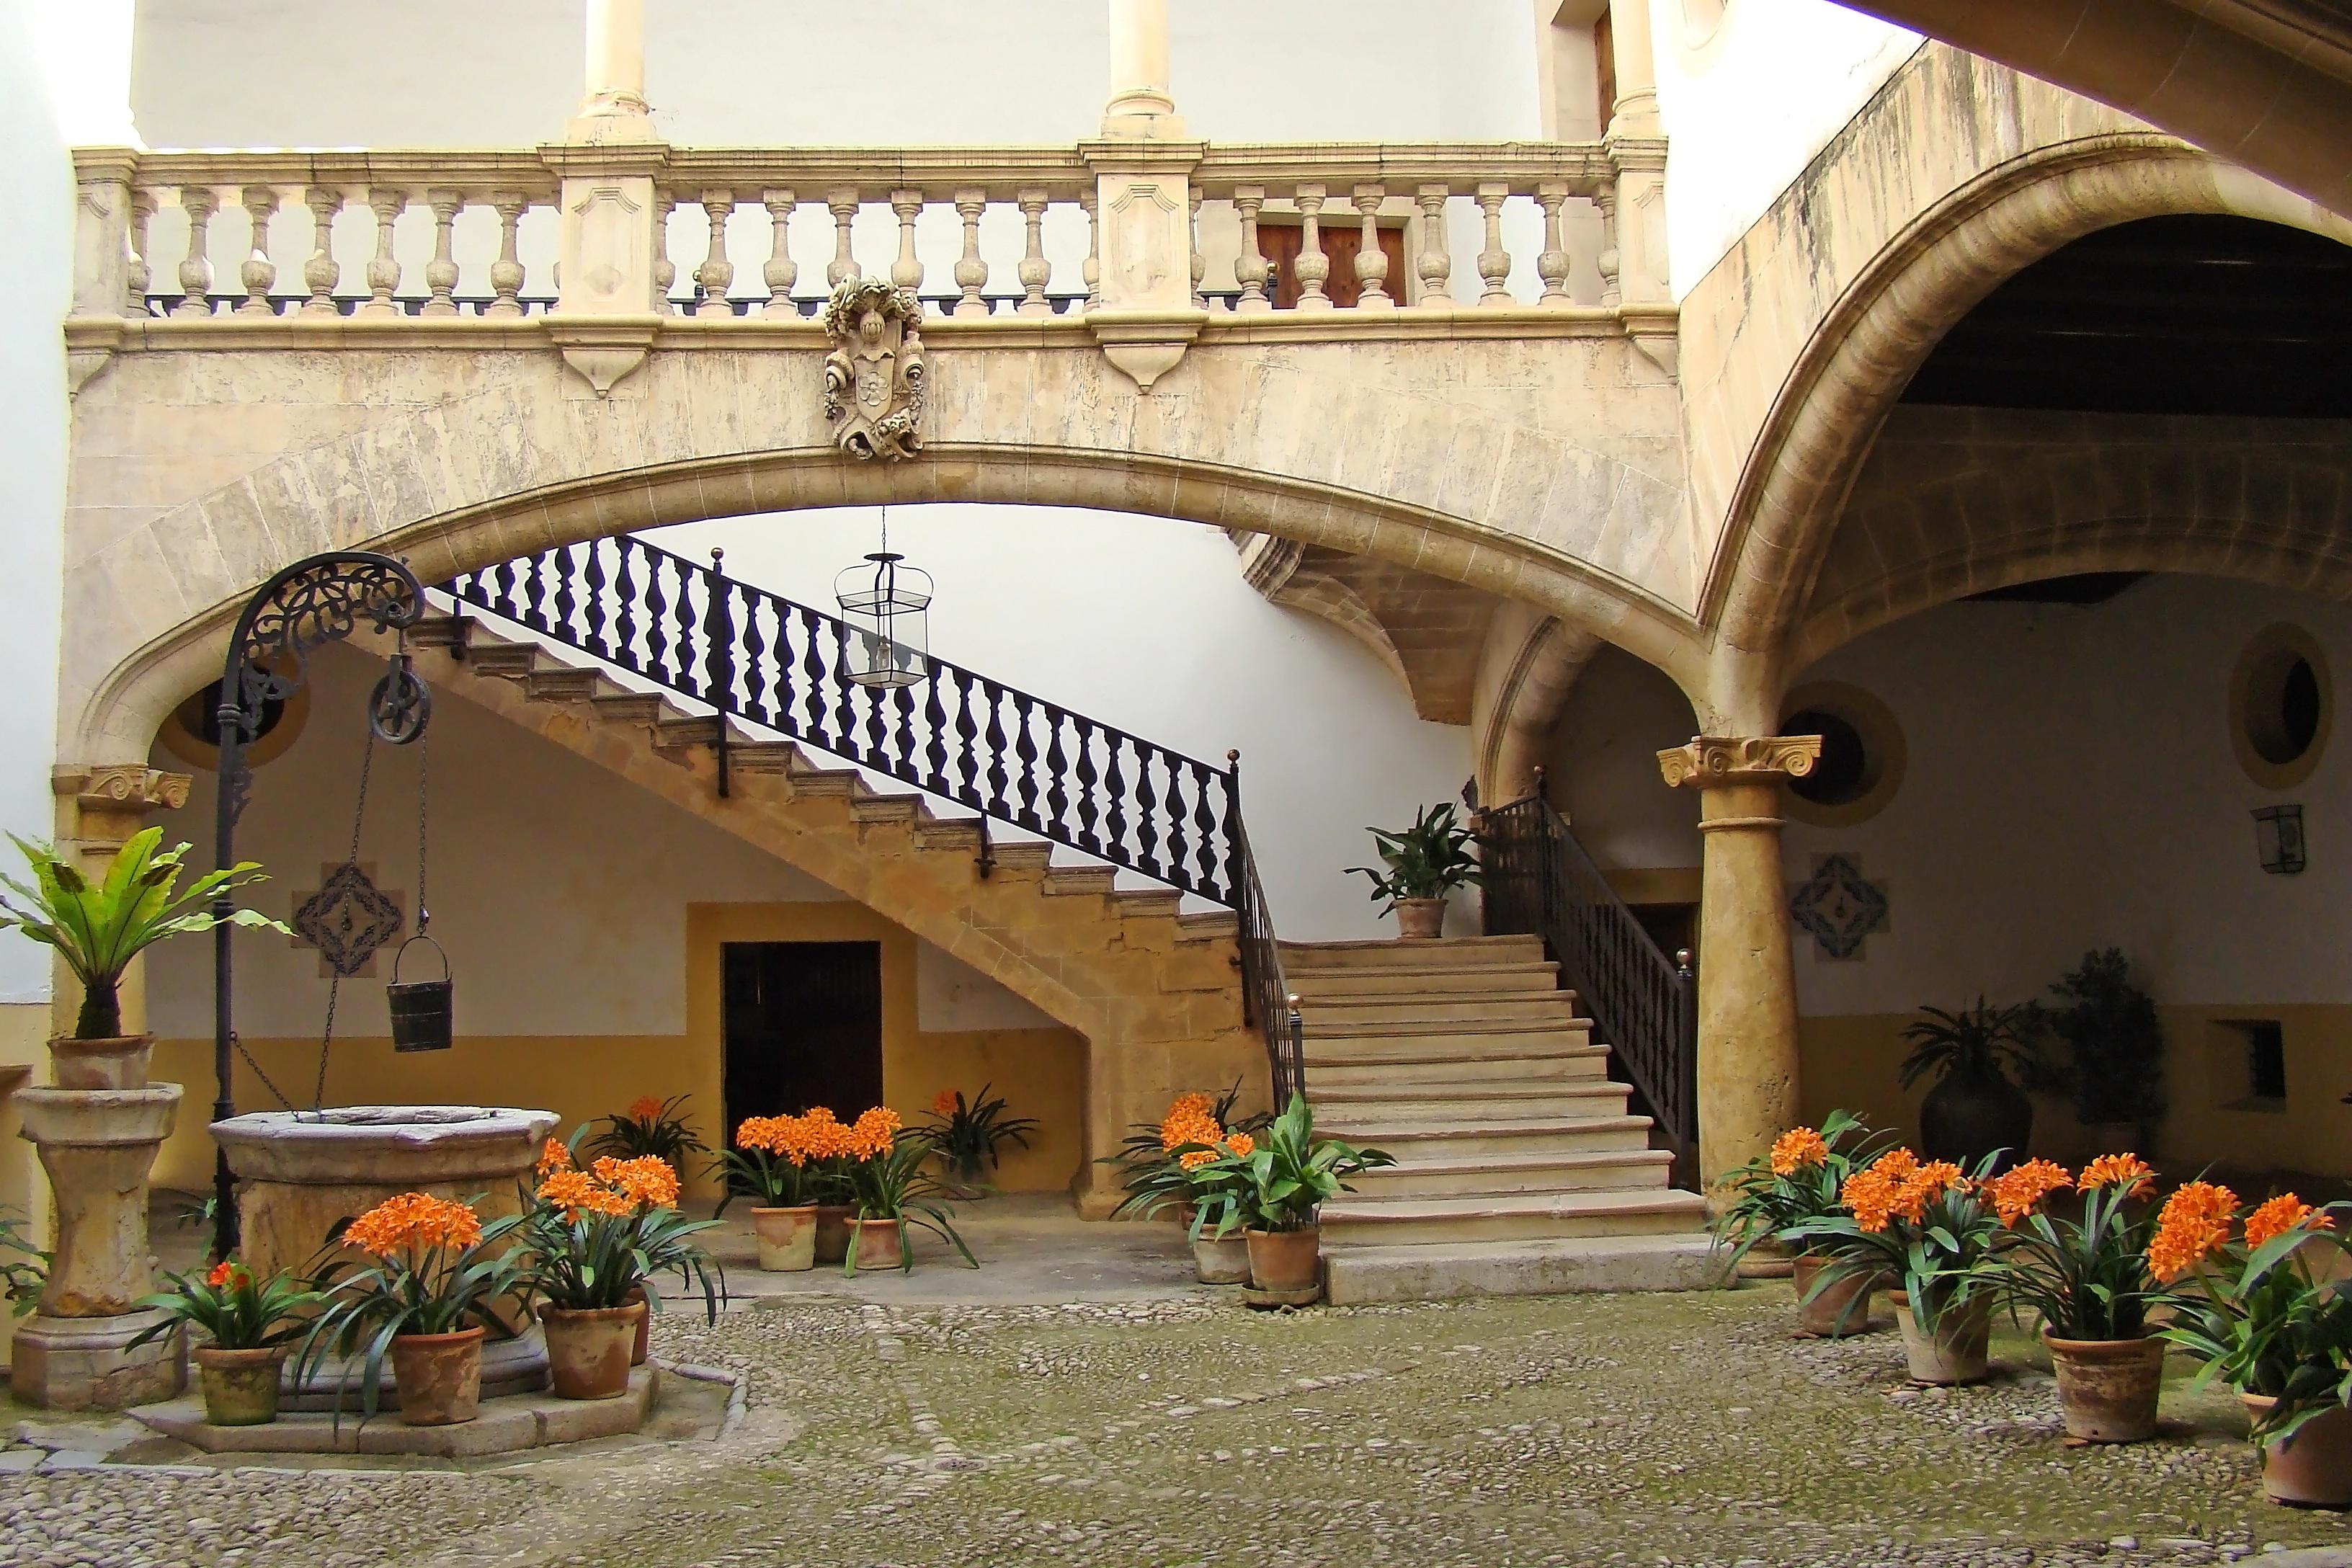 Fotos gratis arquitectura villa palacio casa edificio ciudad maceta balc n arco - La casa de la maceta ...